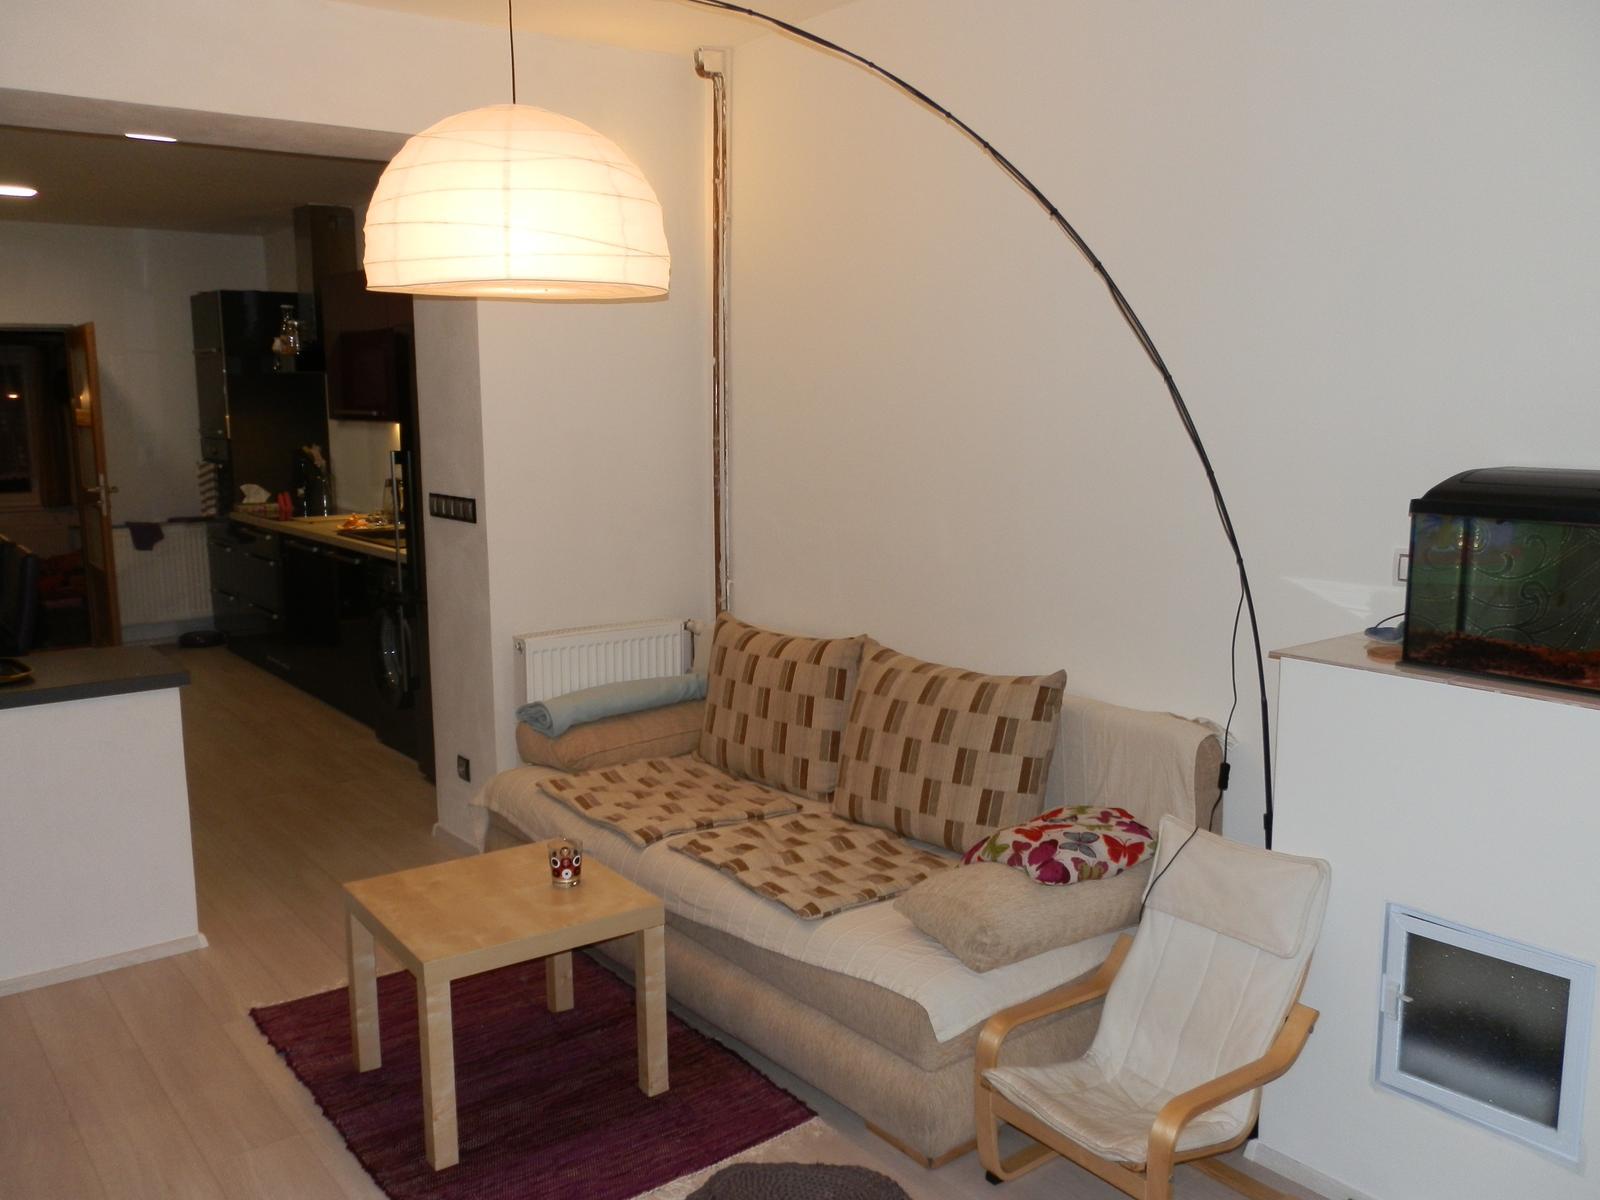 Náš byt v domě- rekonstrukce - Obrázek č. 283